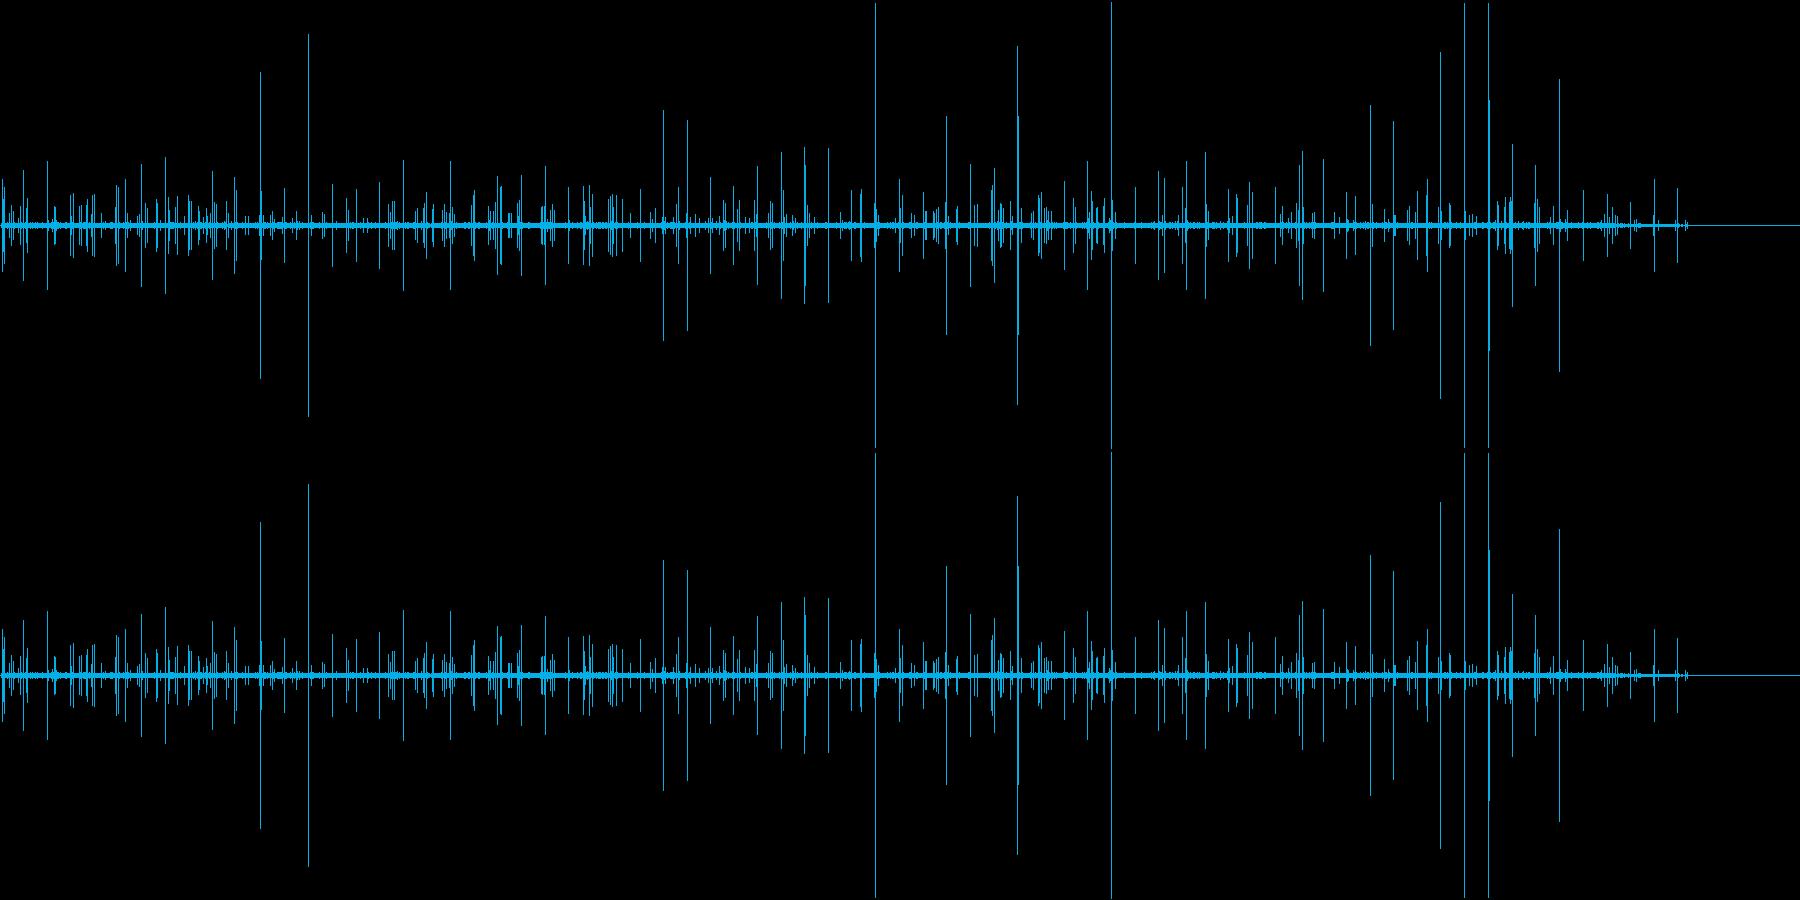 ぶちぶち(ノイズの音)の再生済みの波形